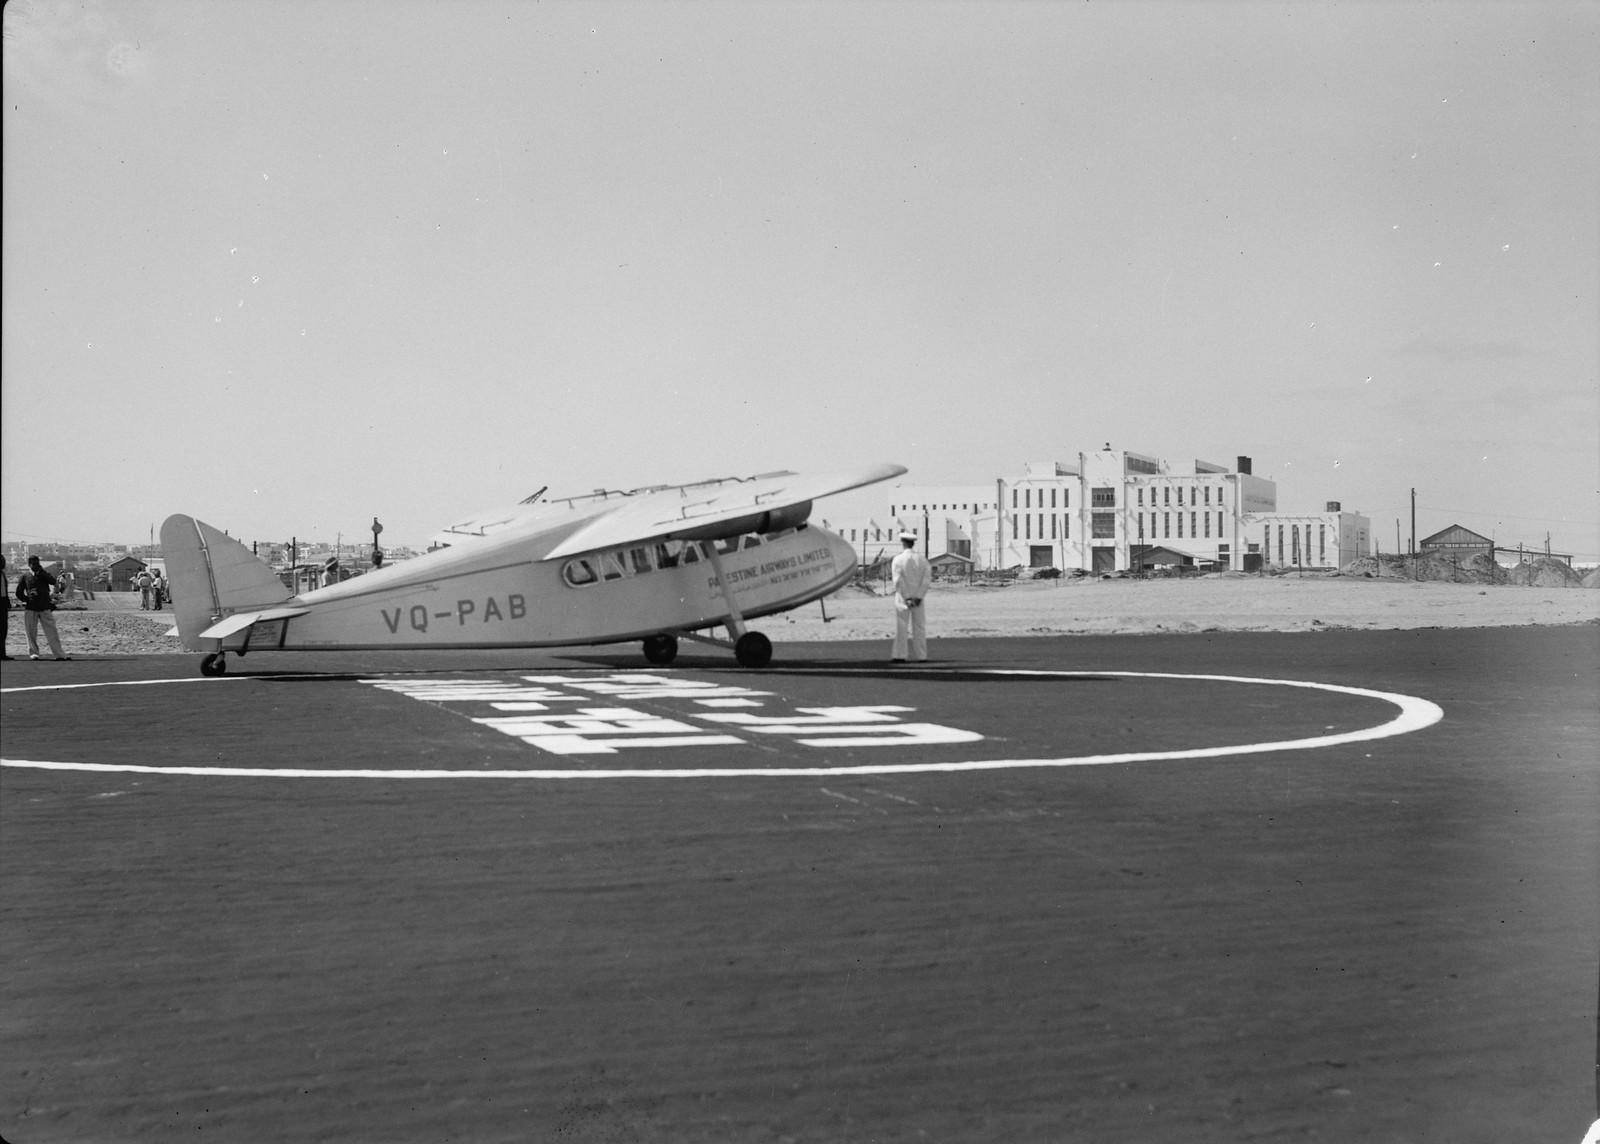 09. Самолет «Палестинские авиалинии» готов к первому вылету с нового аэродрома